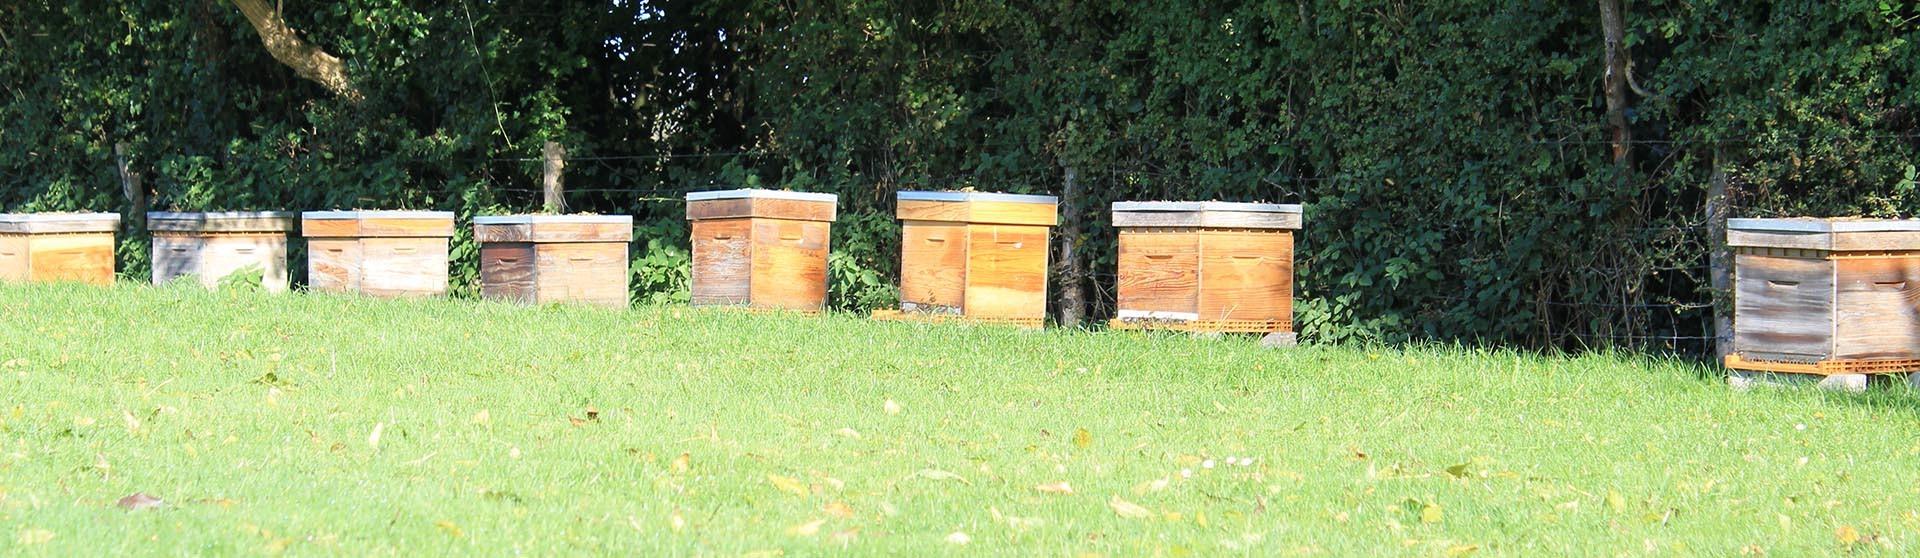 Beeculture devient Charozé